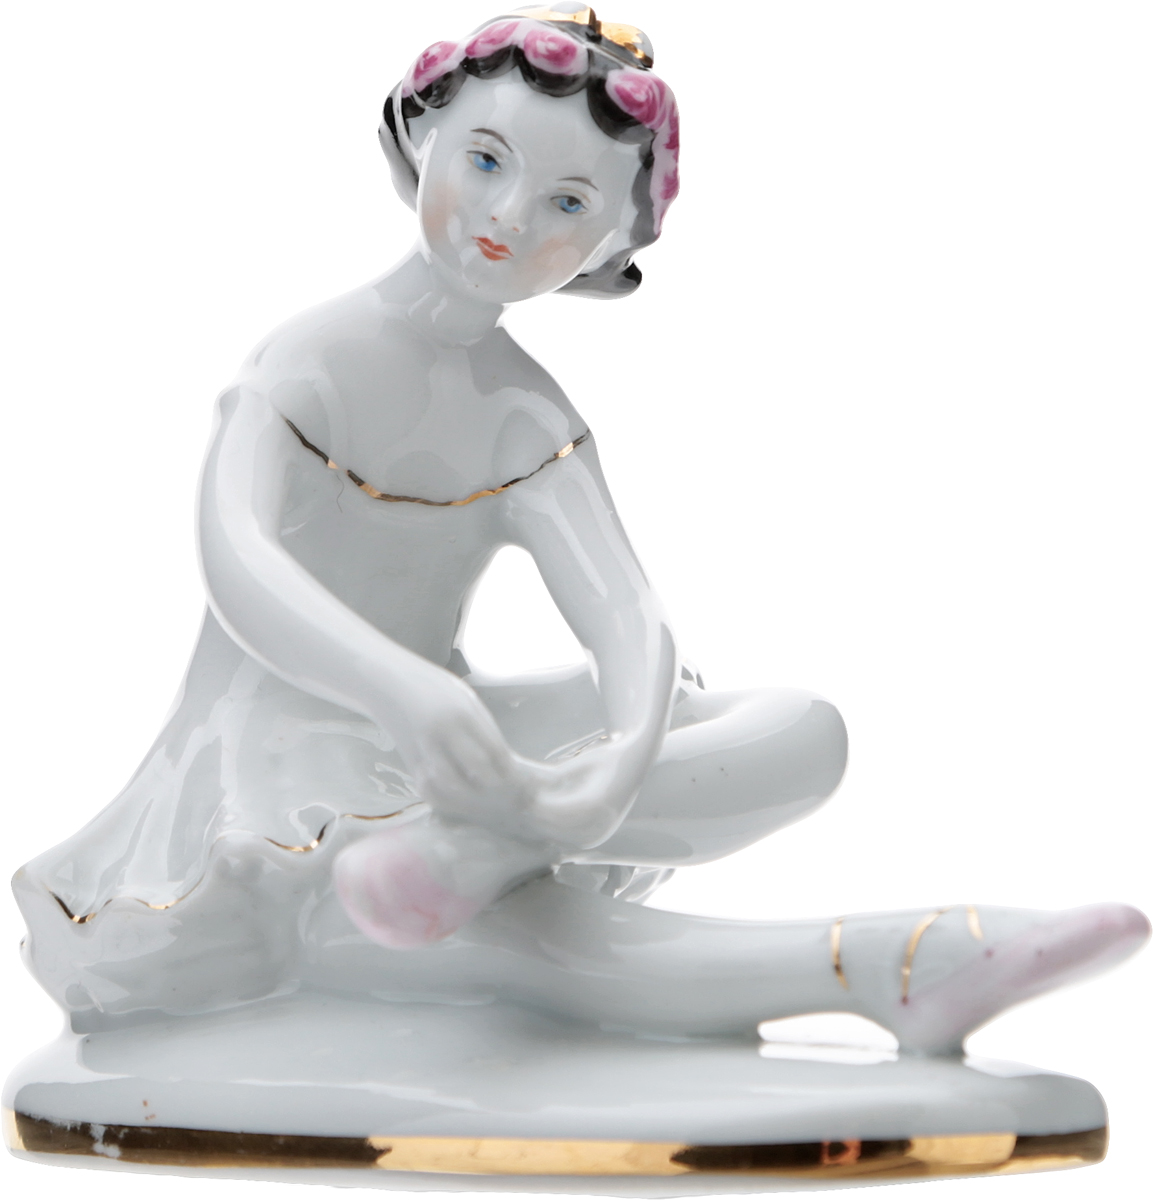 Статуэтка Юная балерина Машенька. Фарфор, роспись. СССР, ЛФЗ, 1950-е гг.